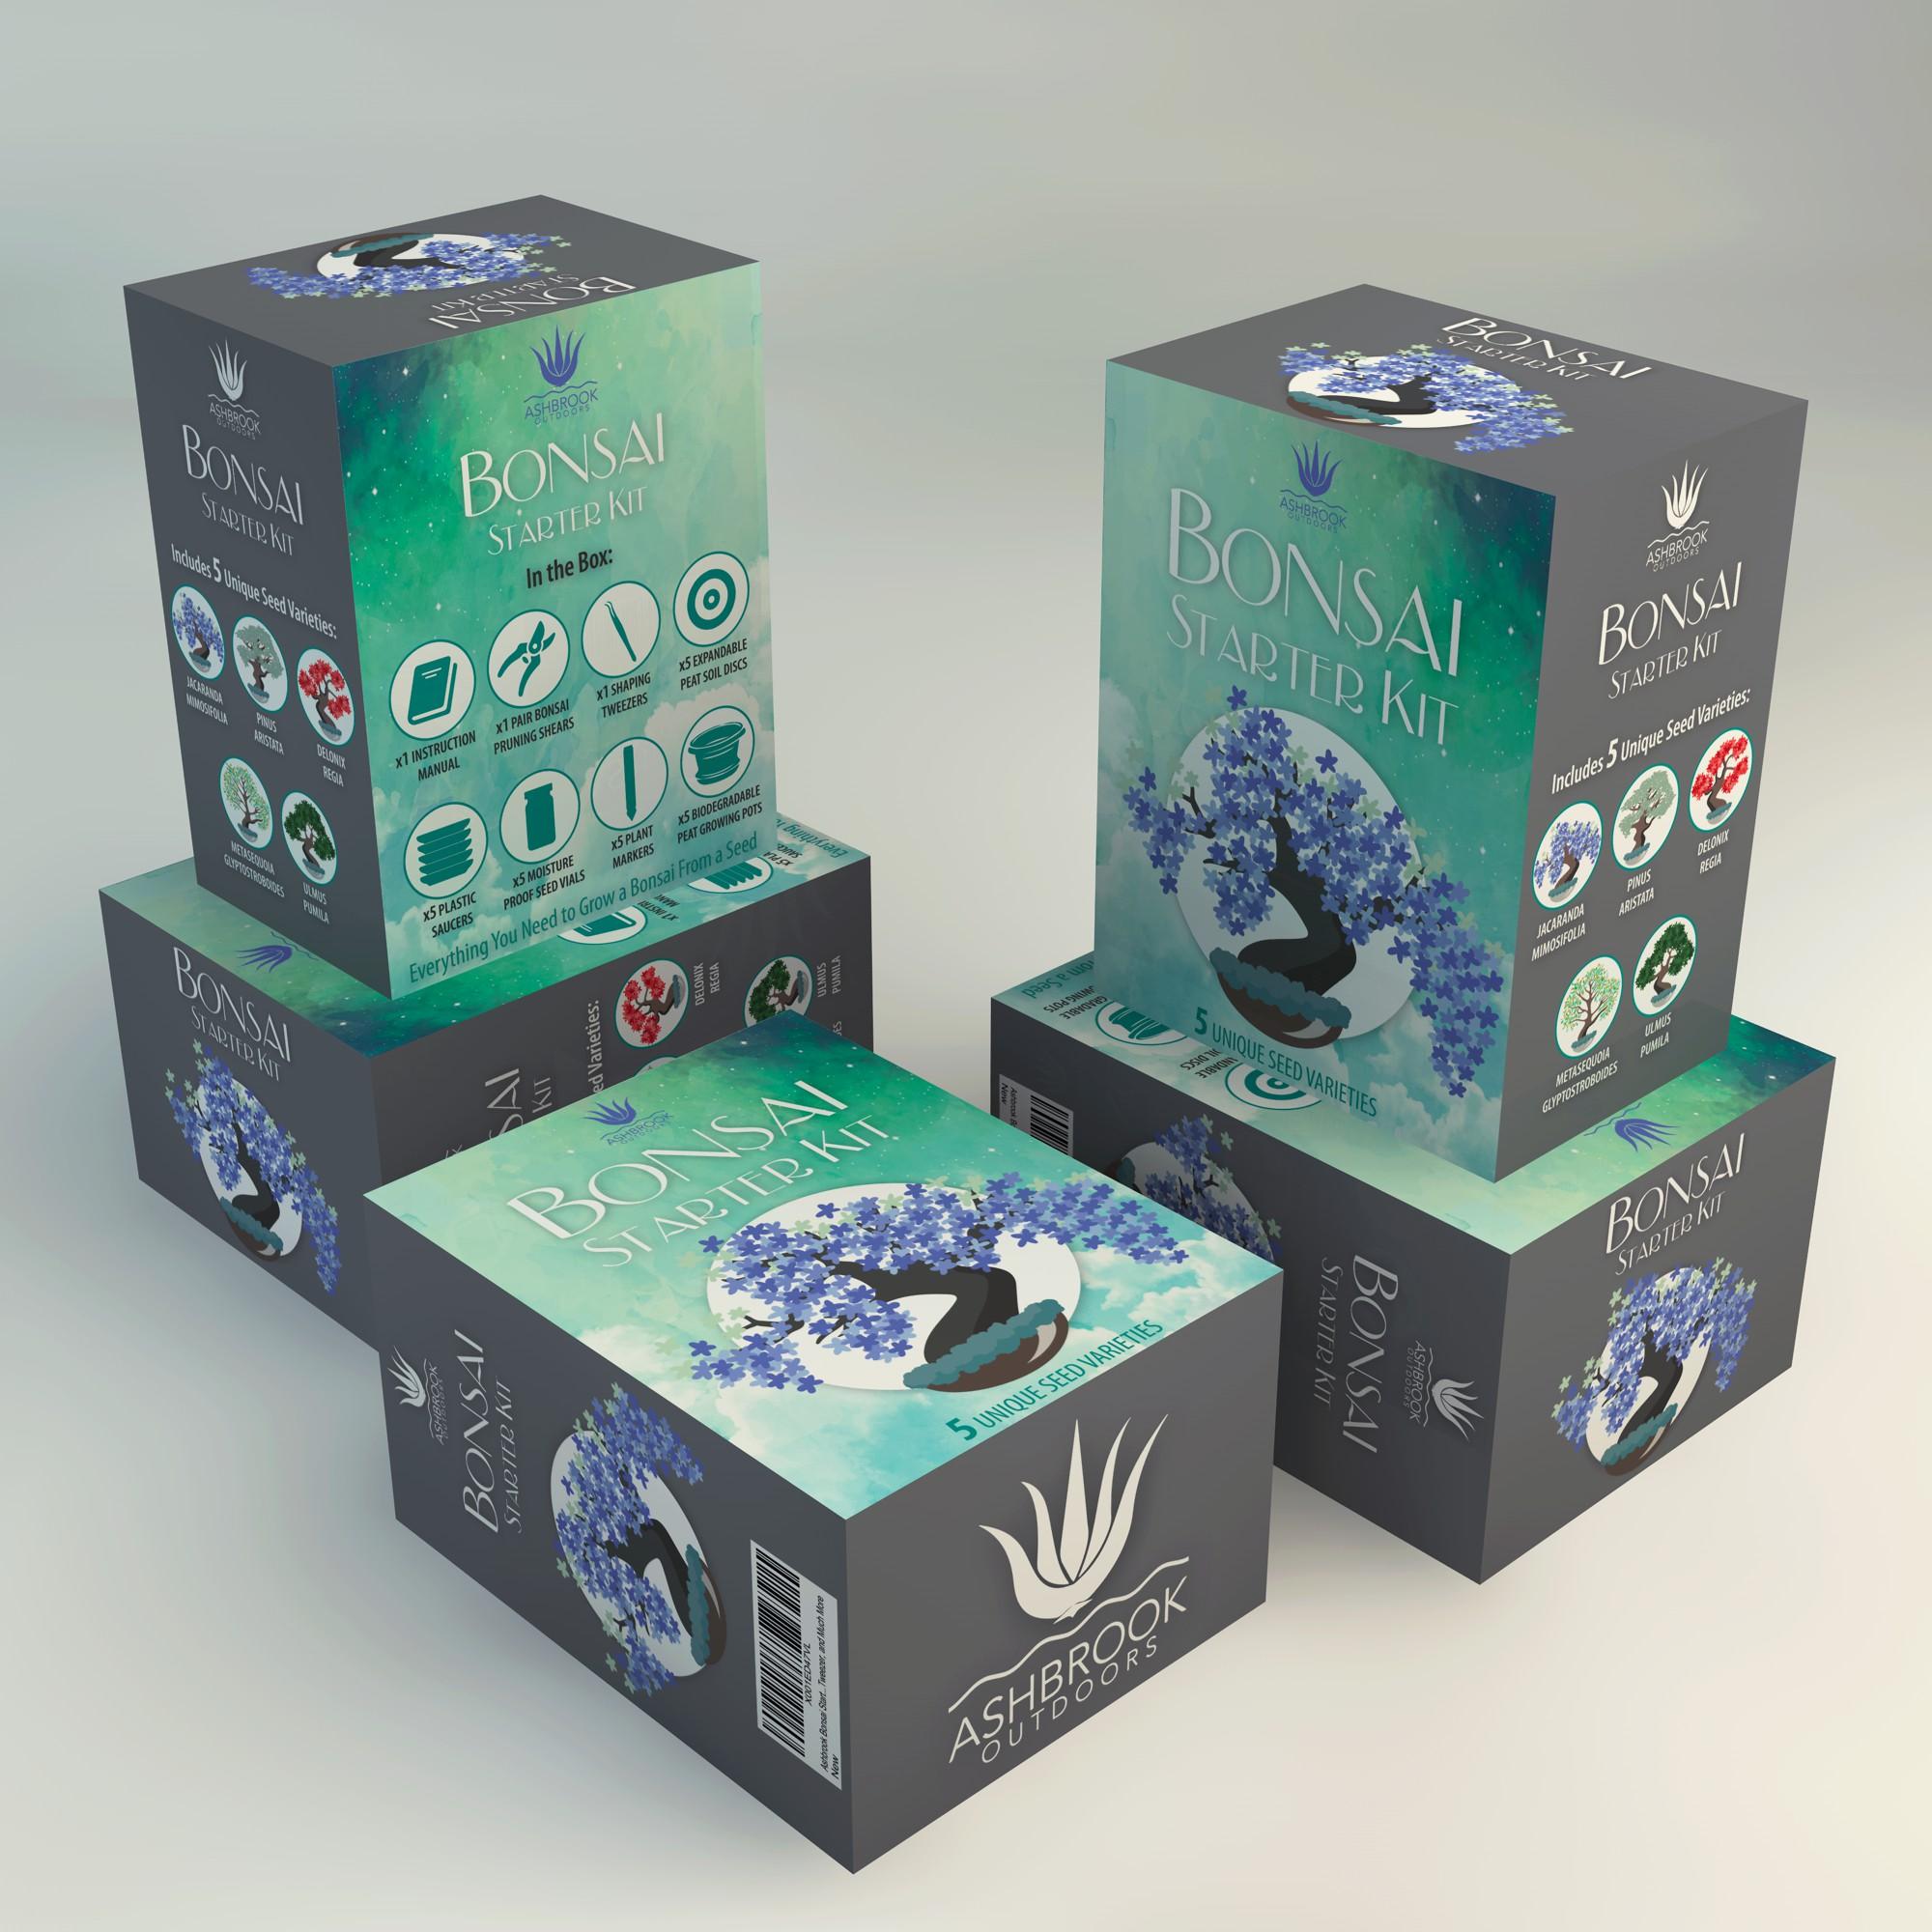 Bonsai Starter Kit Packaging Design Contest